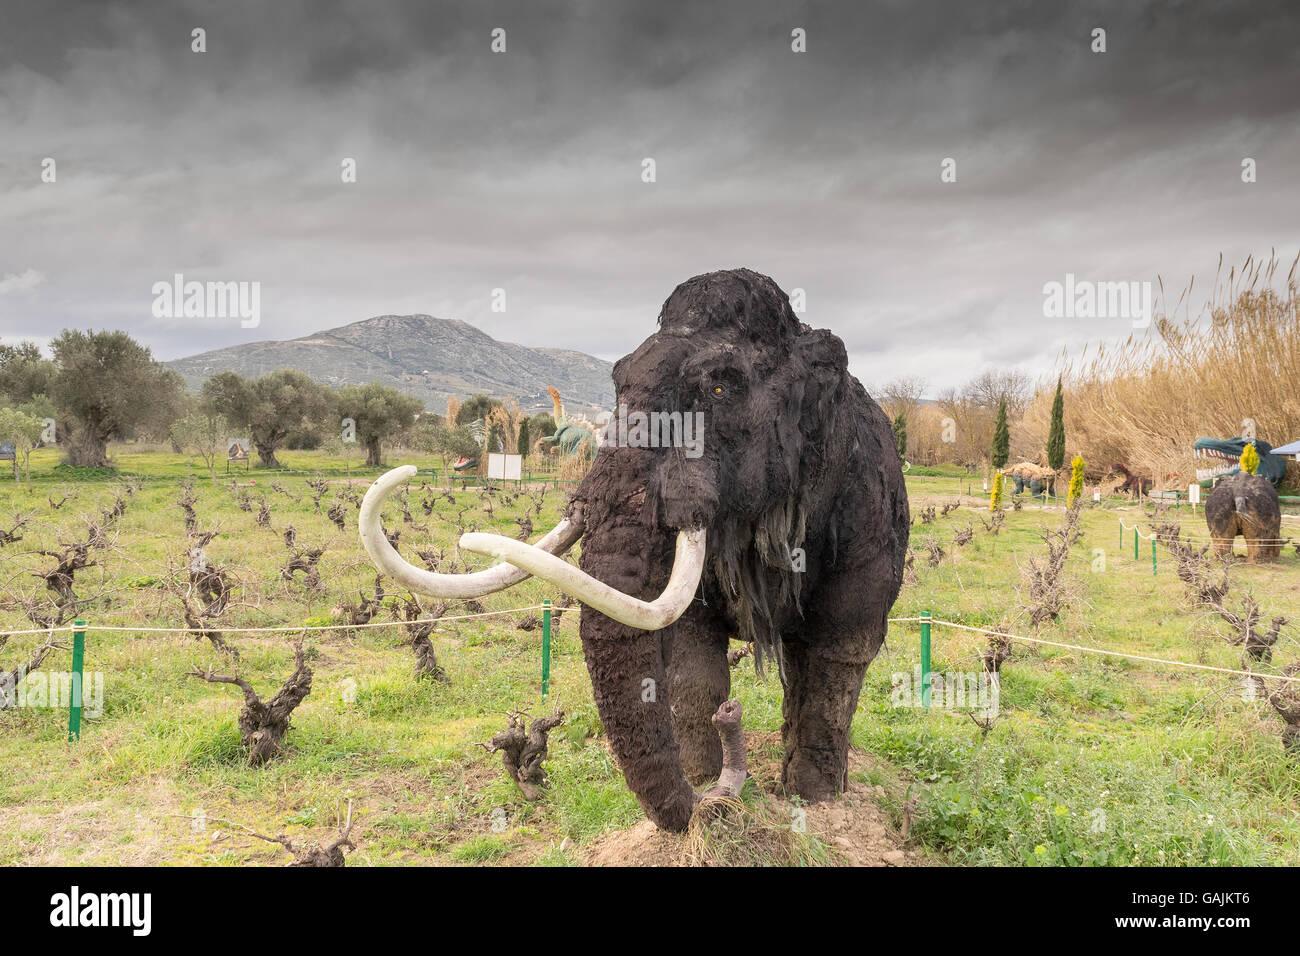 Atenas Grecia El 17 De Enero De 2016 Retrato Del Mamut En El Parque De Dinosaurios En Grecia Fotografia De Stock Alamy Ciencia, mamut, extinción, animales, dinosaurios, eeuu. alamy